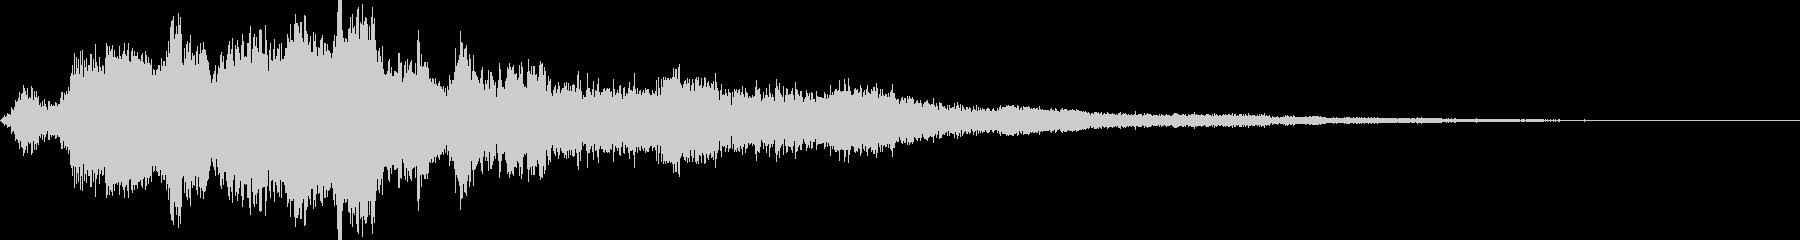 ケンタウルスのロゴ3の未再生の波形